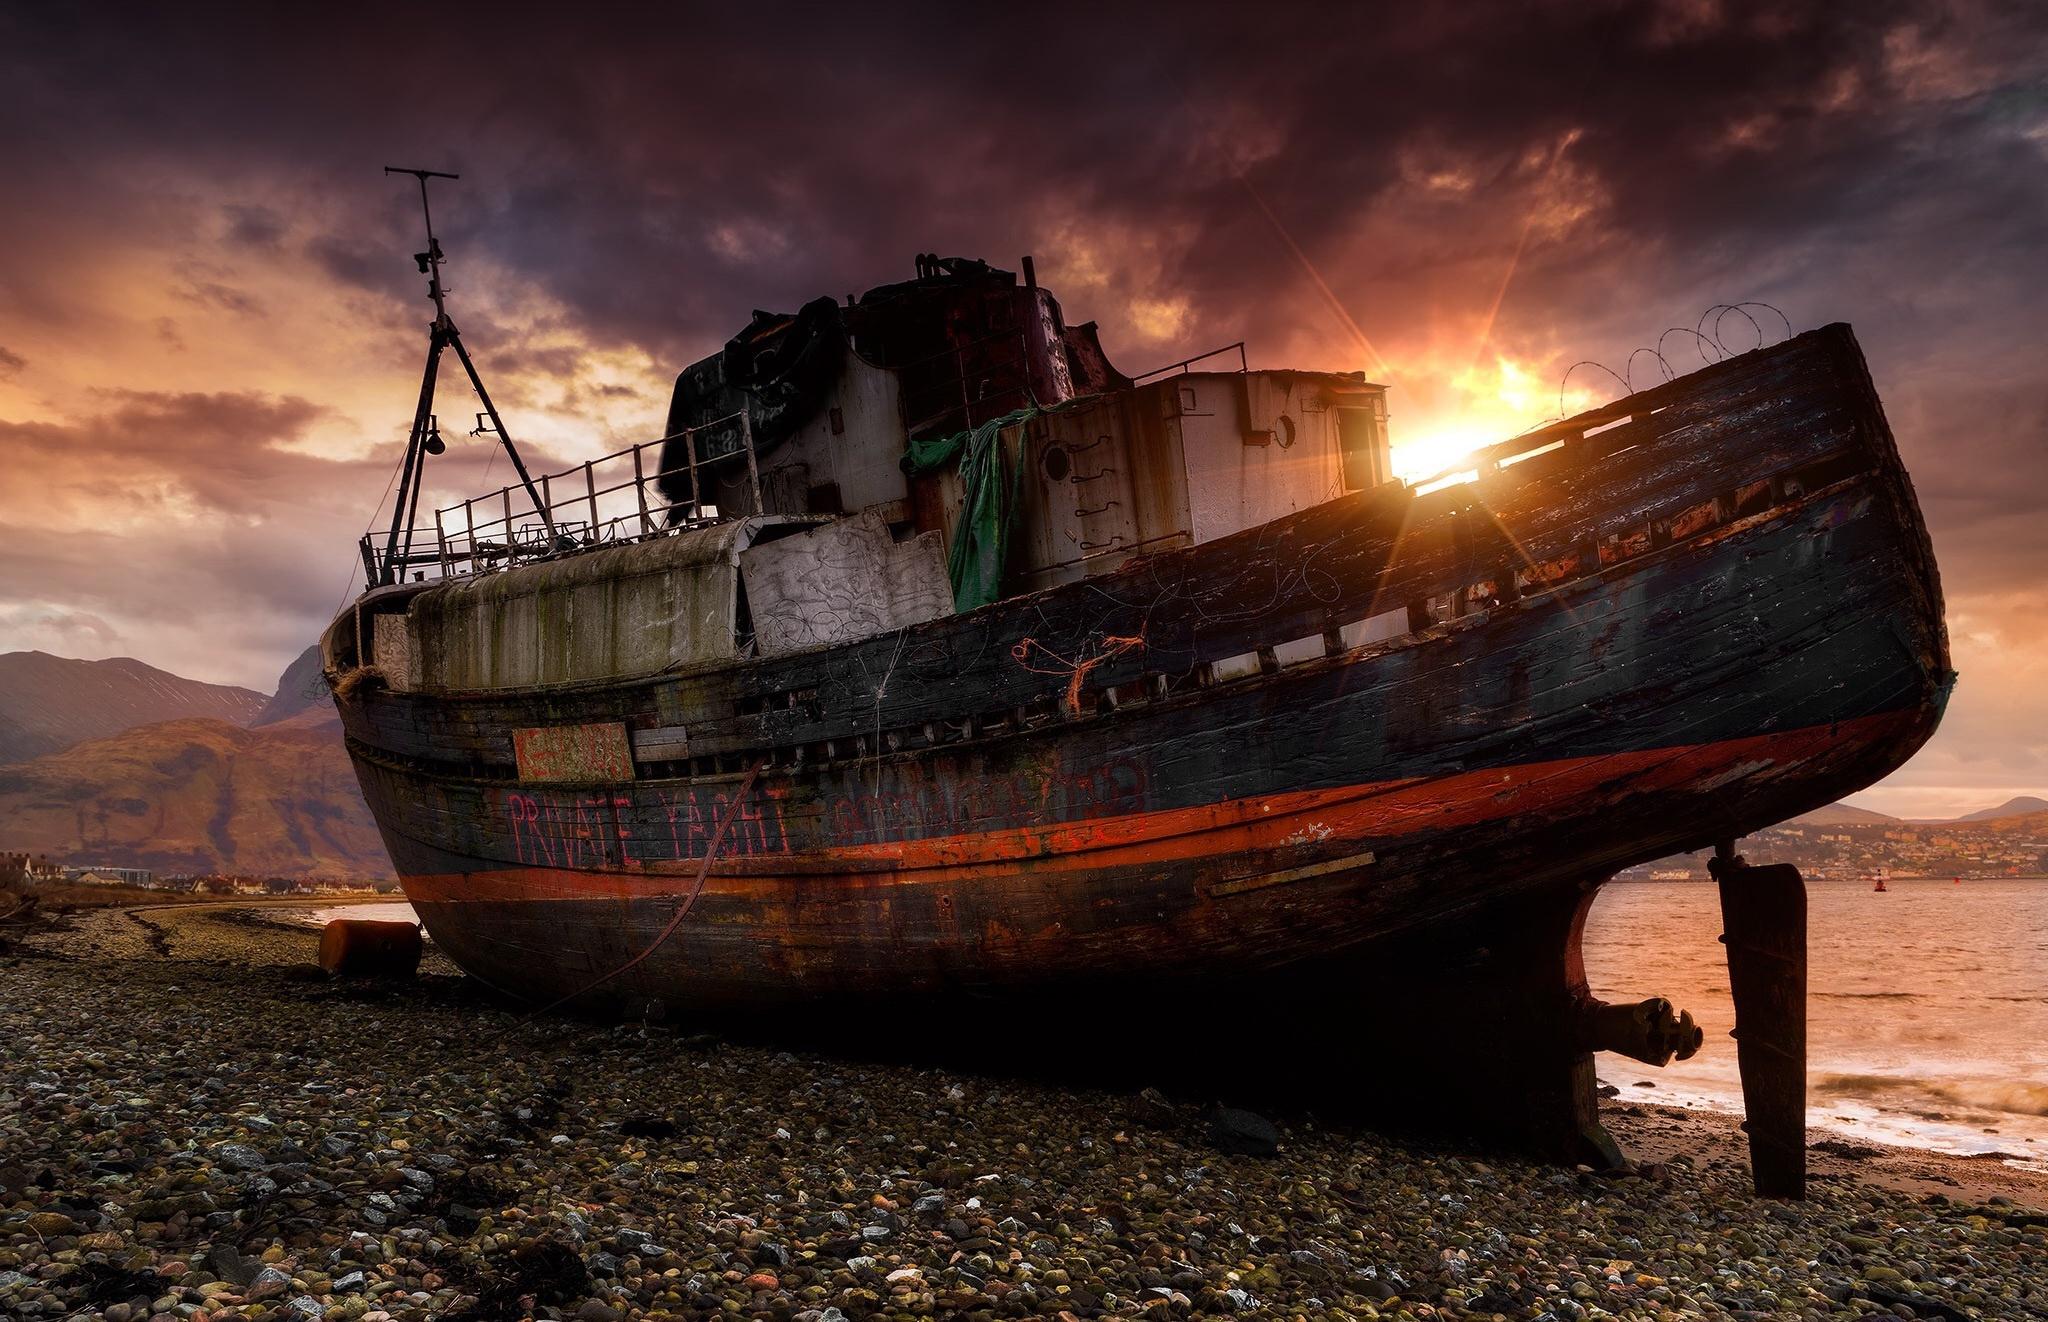 Фото разбитых кораблей